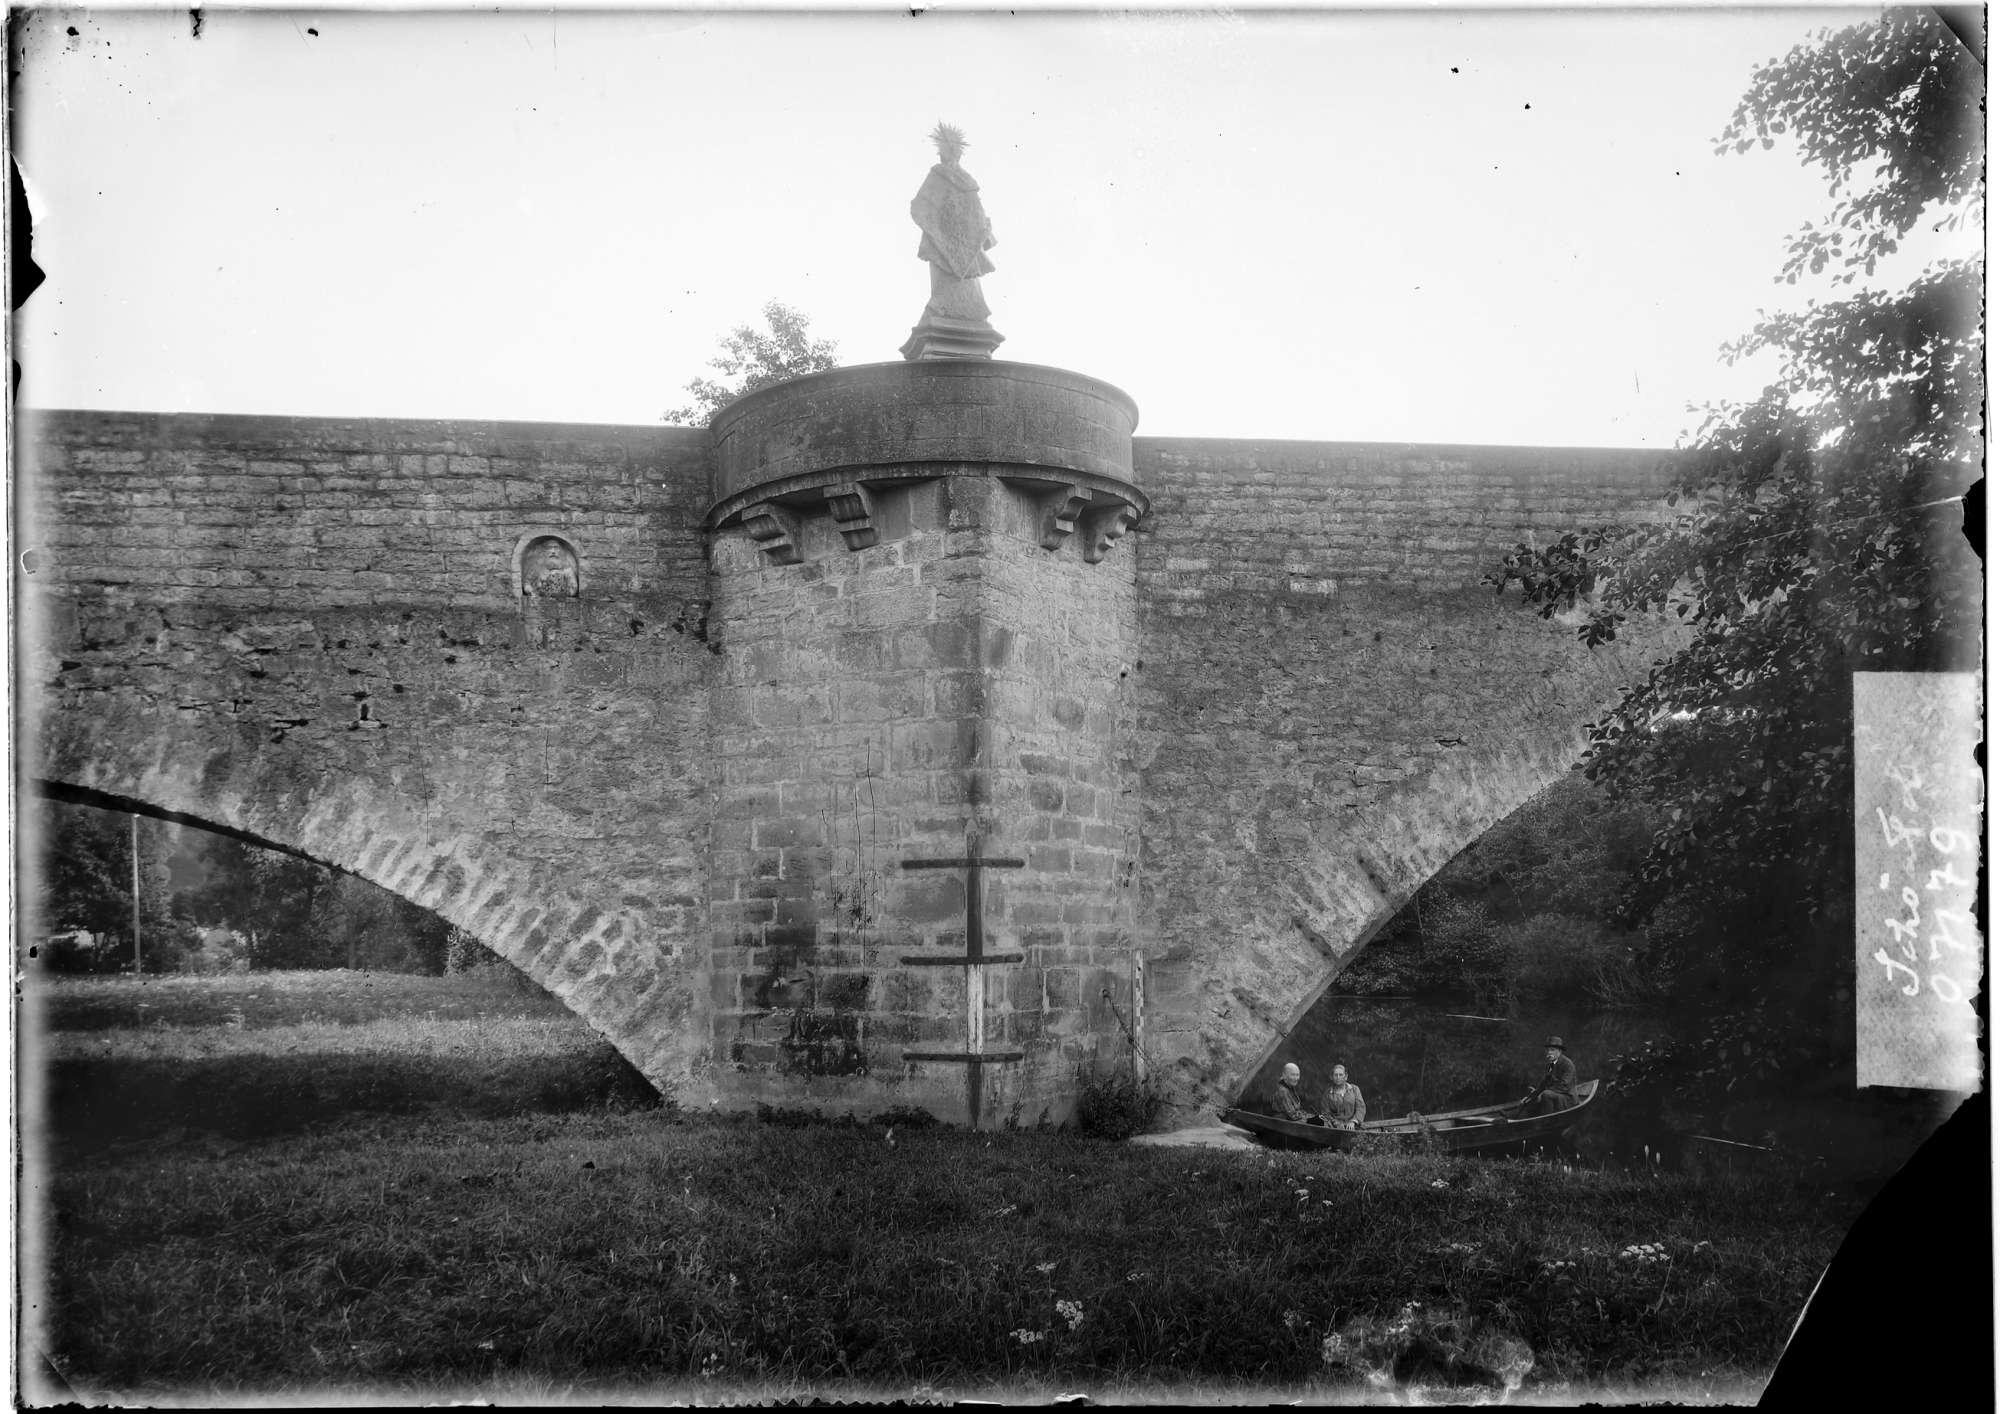 Schöntal Kloster Schöntal Jagstbrücke Bergseite 1 und 2 Pfeiler mit Baumeisterporträt von Michael Kern, sowie die Nepomukstatue, Bild 1